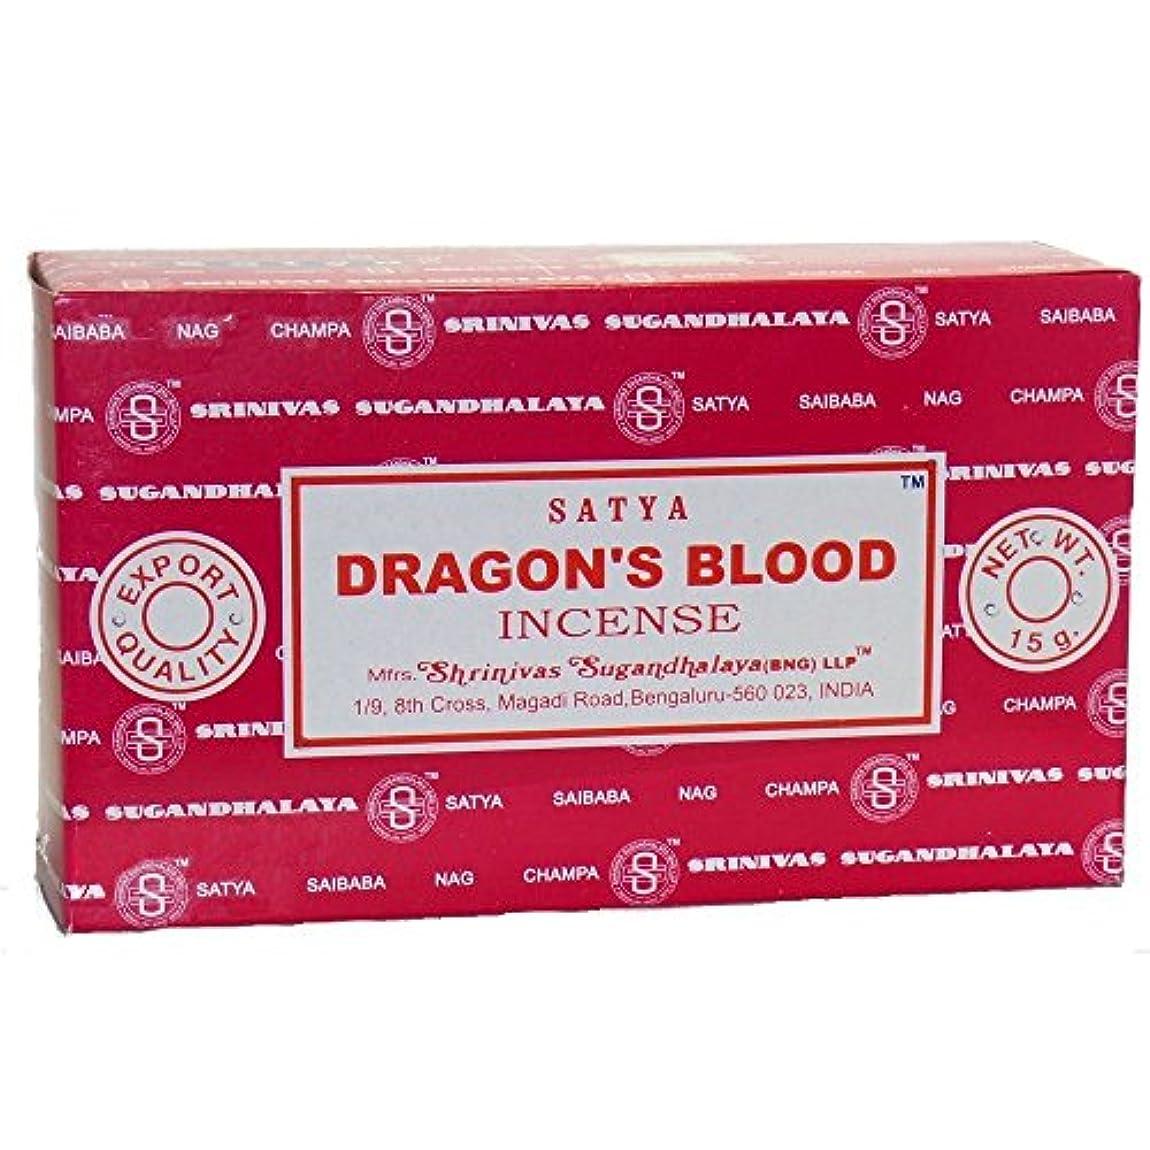 ステープルおとこプールBuycrafty Satya Champa Dragon's Blood Incense Stick,180 Grams Box (15g x 12 Boxes)